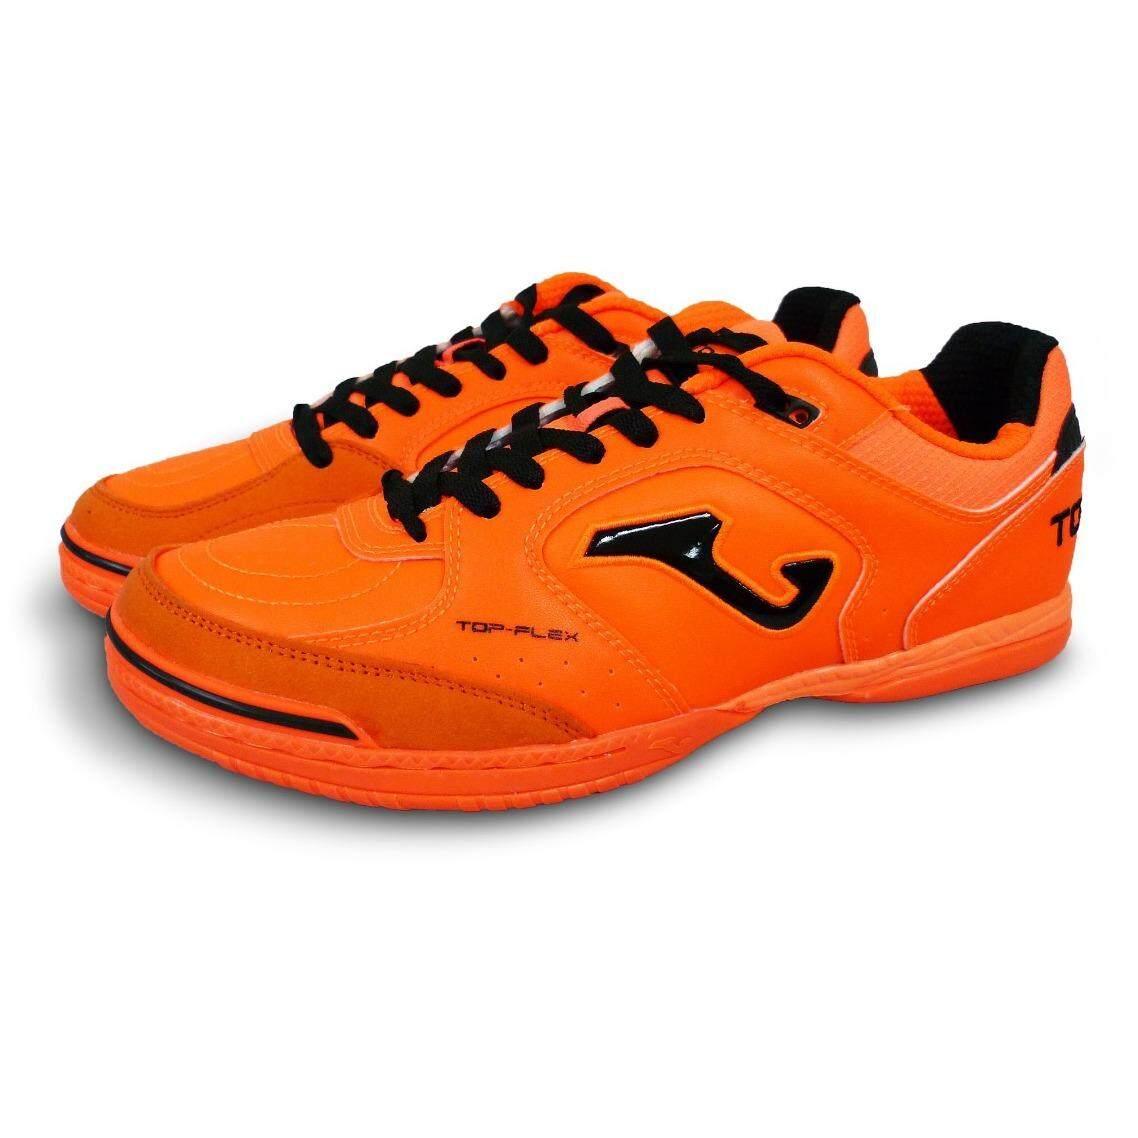 Joma Men s Futsal Shoes price in Malaysia - Best Joma Men s Futsal ... 29cc4aadefa50